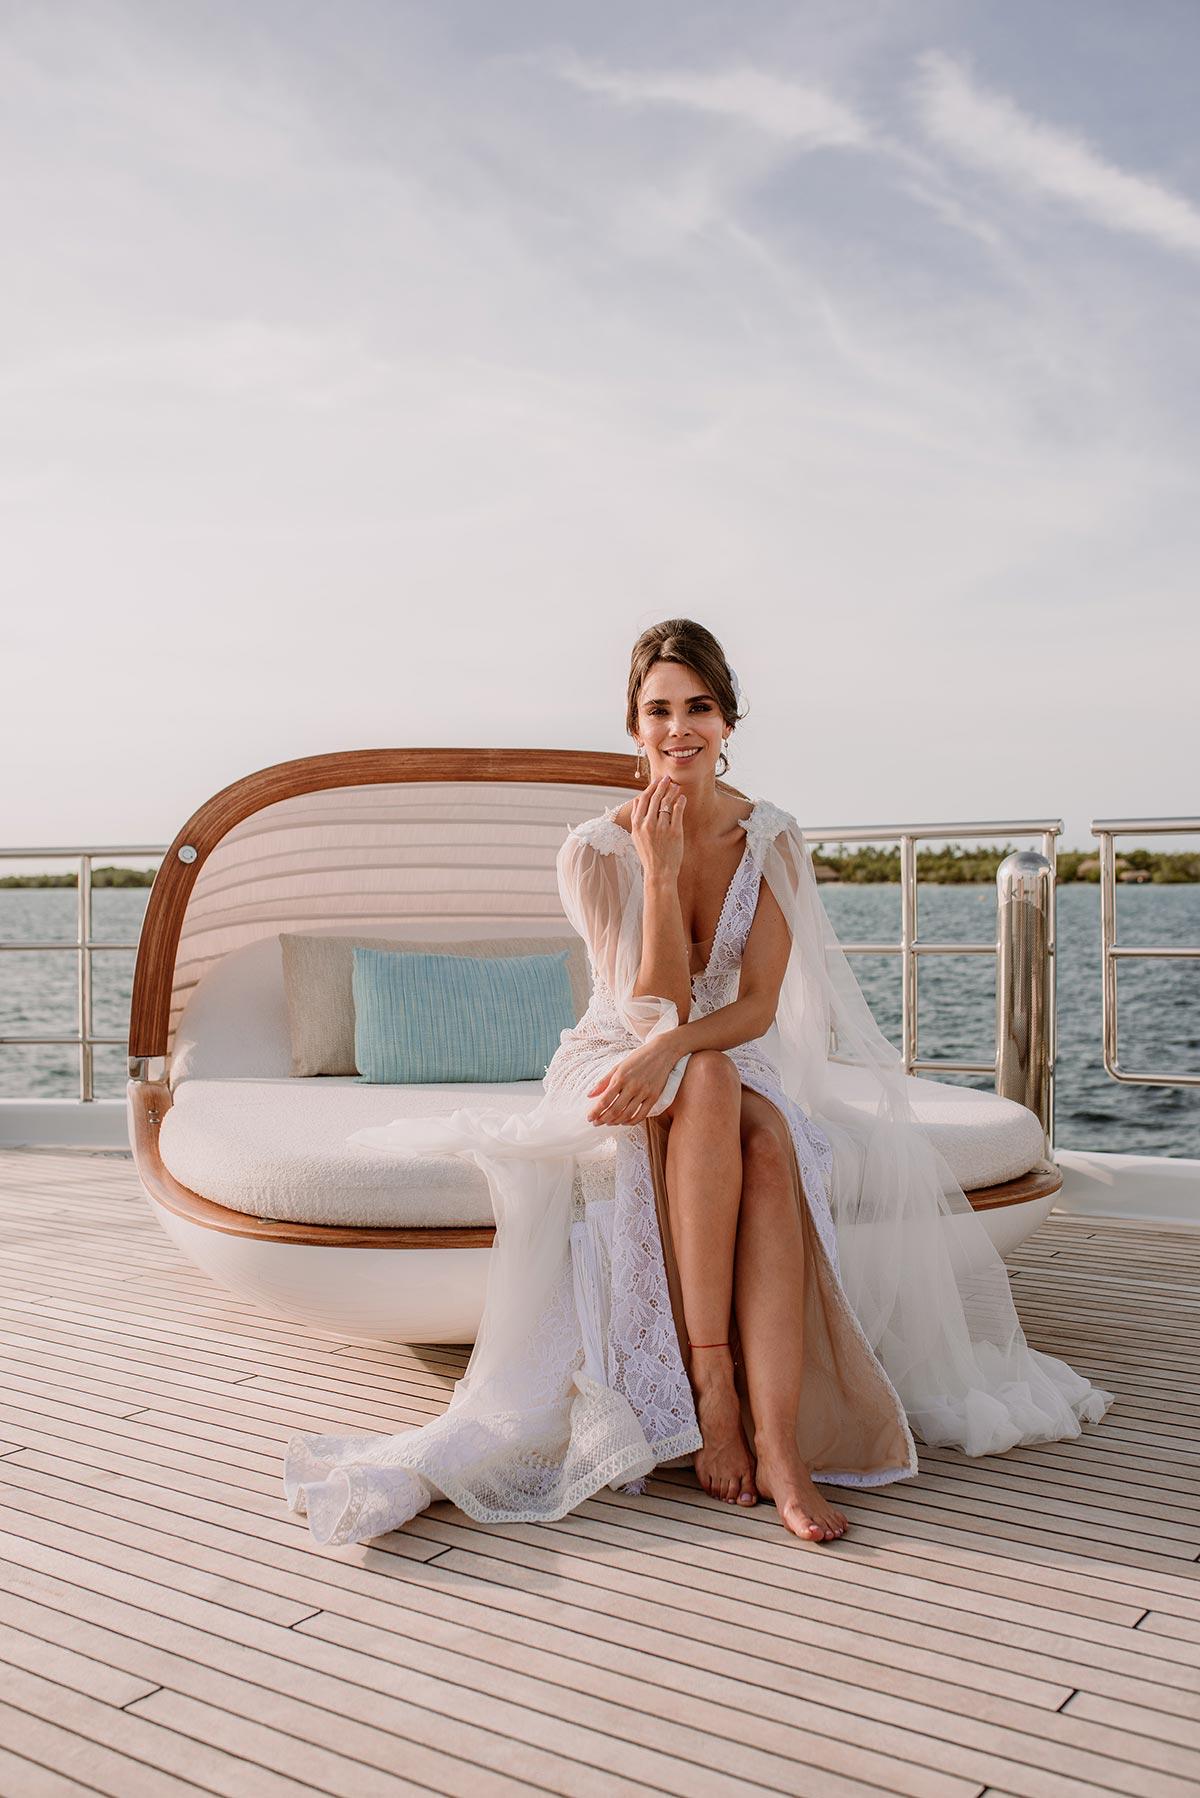 Novia en la cubierta de un barco. Boda en una isla de Colombia. Luau Party | Bodas de Cuento